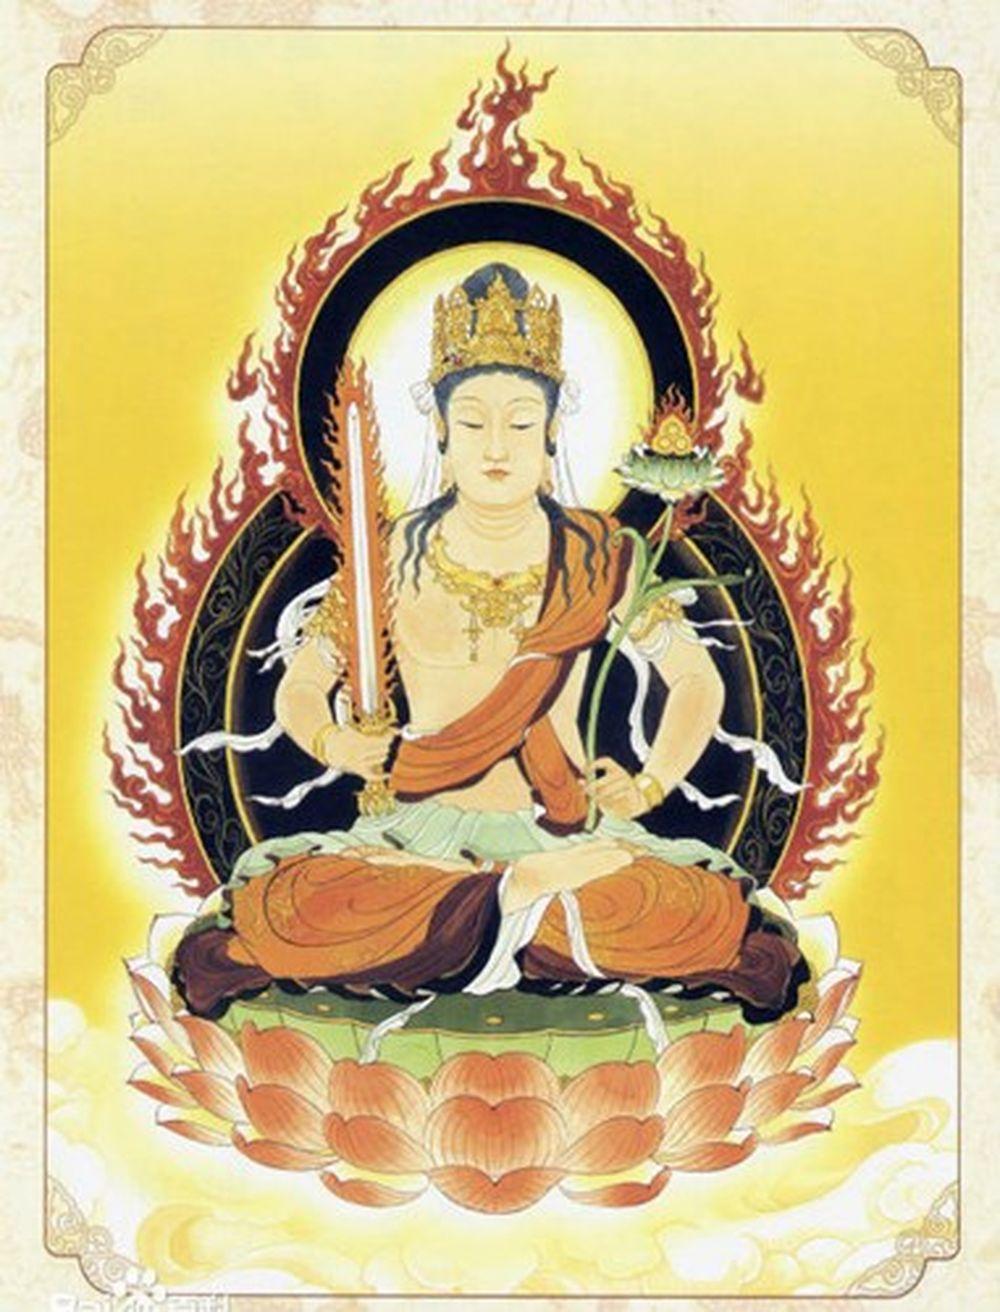 Tuổi Sửu và tuổi Dần: Hư Không Tạng Bồ Tát danh hiệu AKASAGARBHA chính là vị Phật hộ mệnh của các bạn. Ngài còn có mật hiệu là Khố Tạng Kim Cương, ...